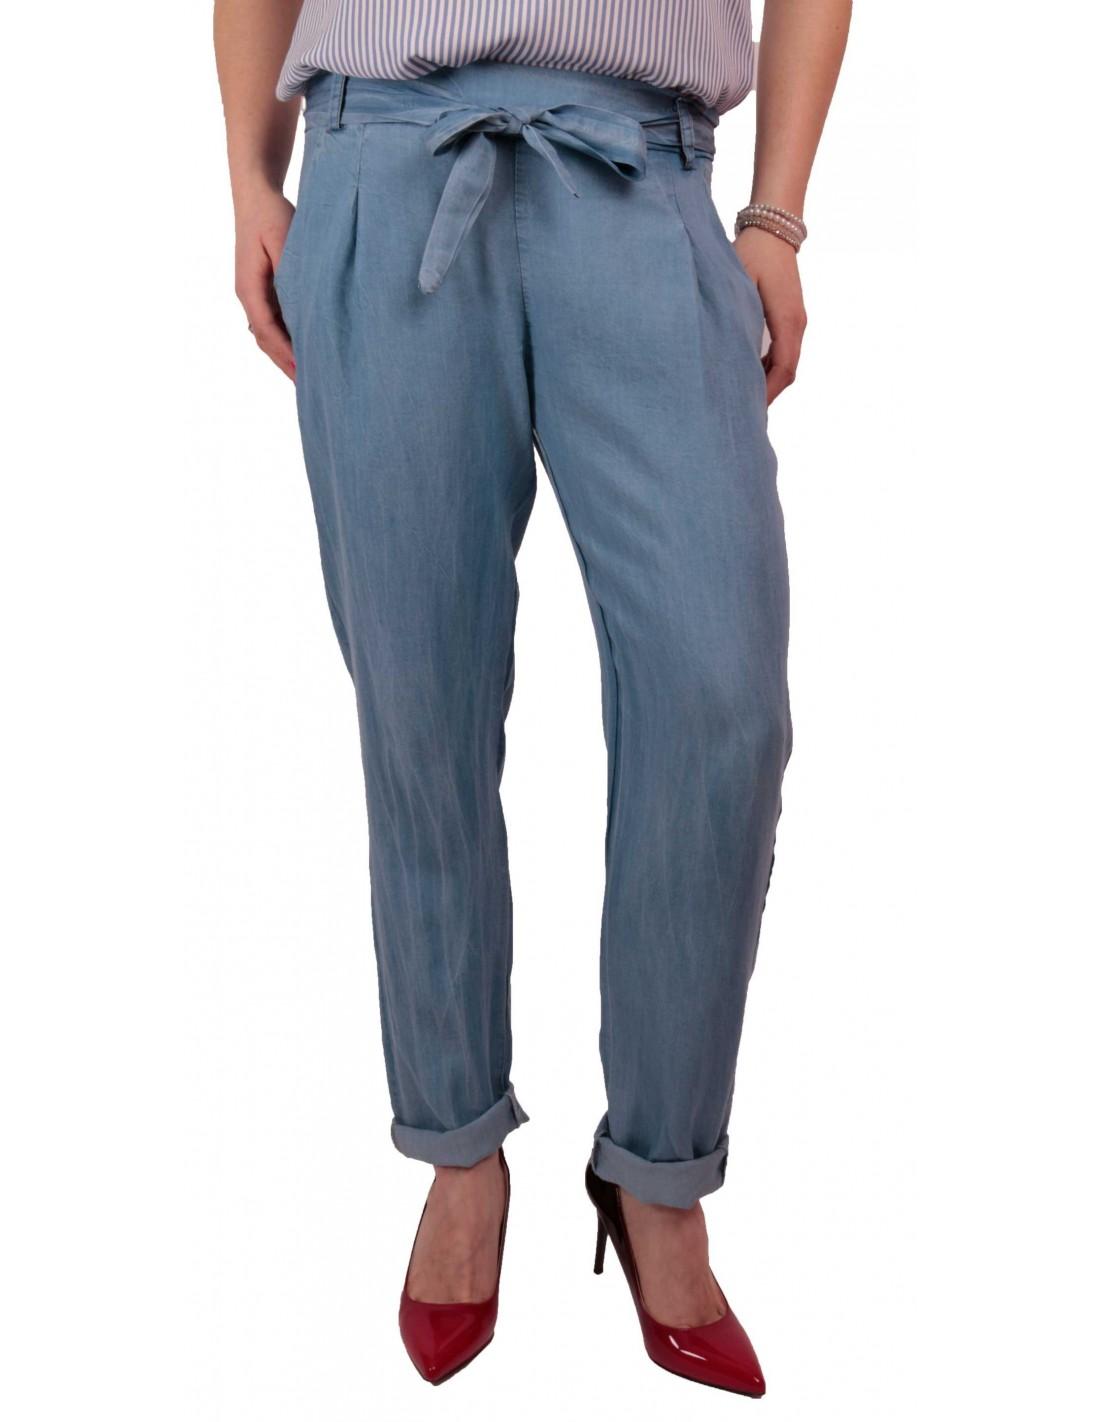 Pantalon femme fluide matière jean clair taille élastique   ceinture noeud  ... cbea081b8b6